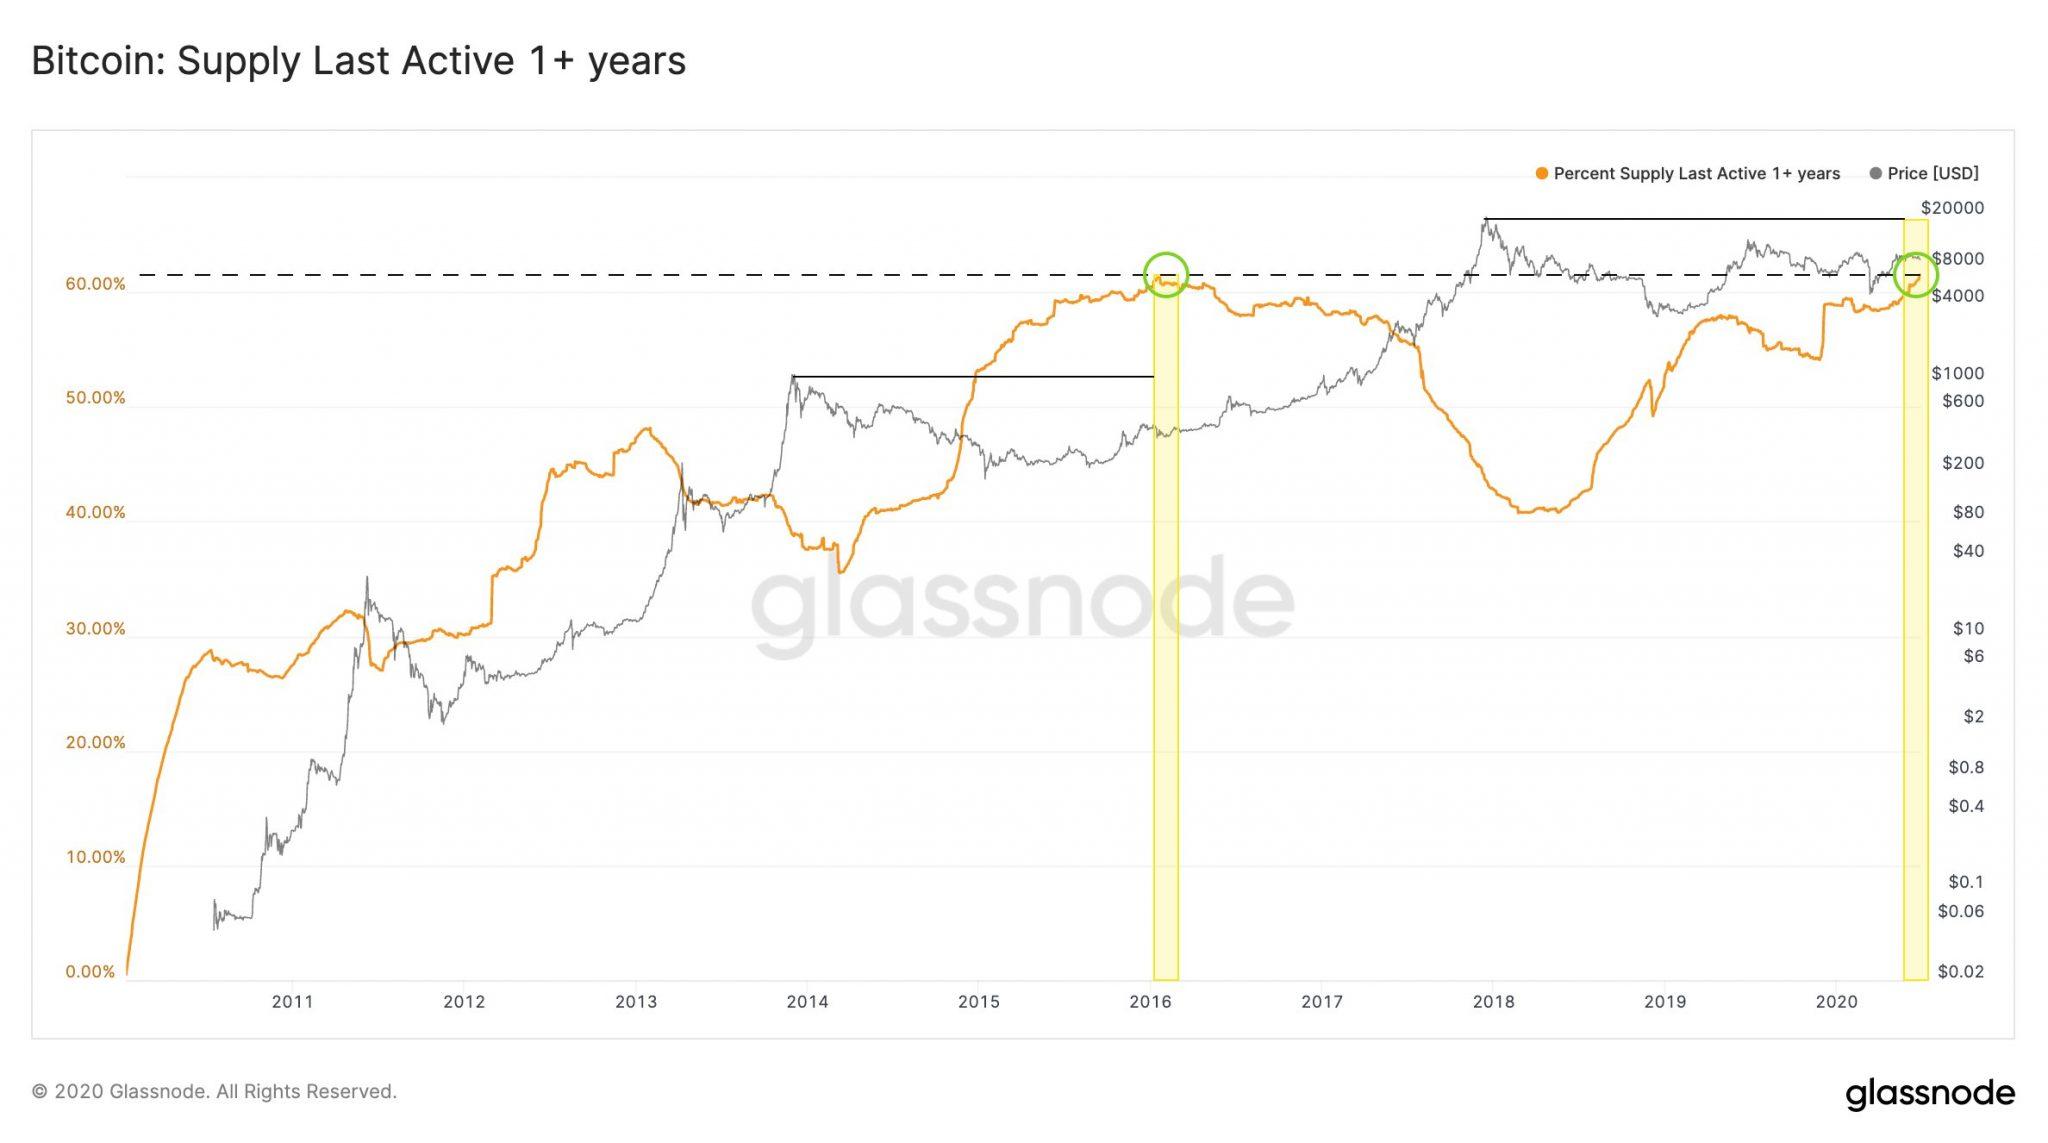 Pourcentage de bitcoins non actifs depuis plus d'un an et cours du BTC